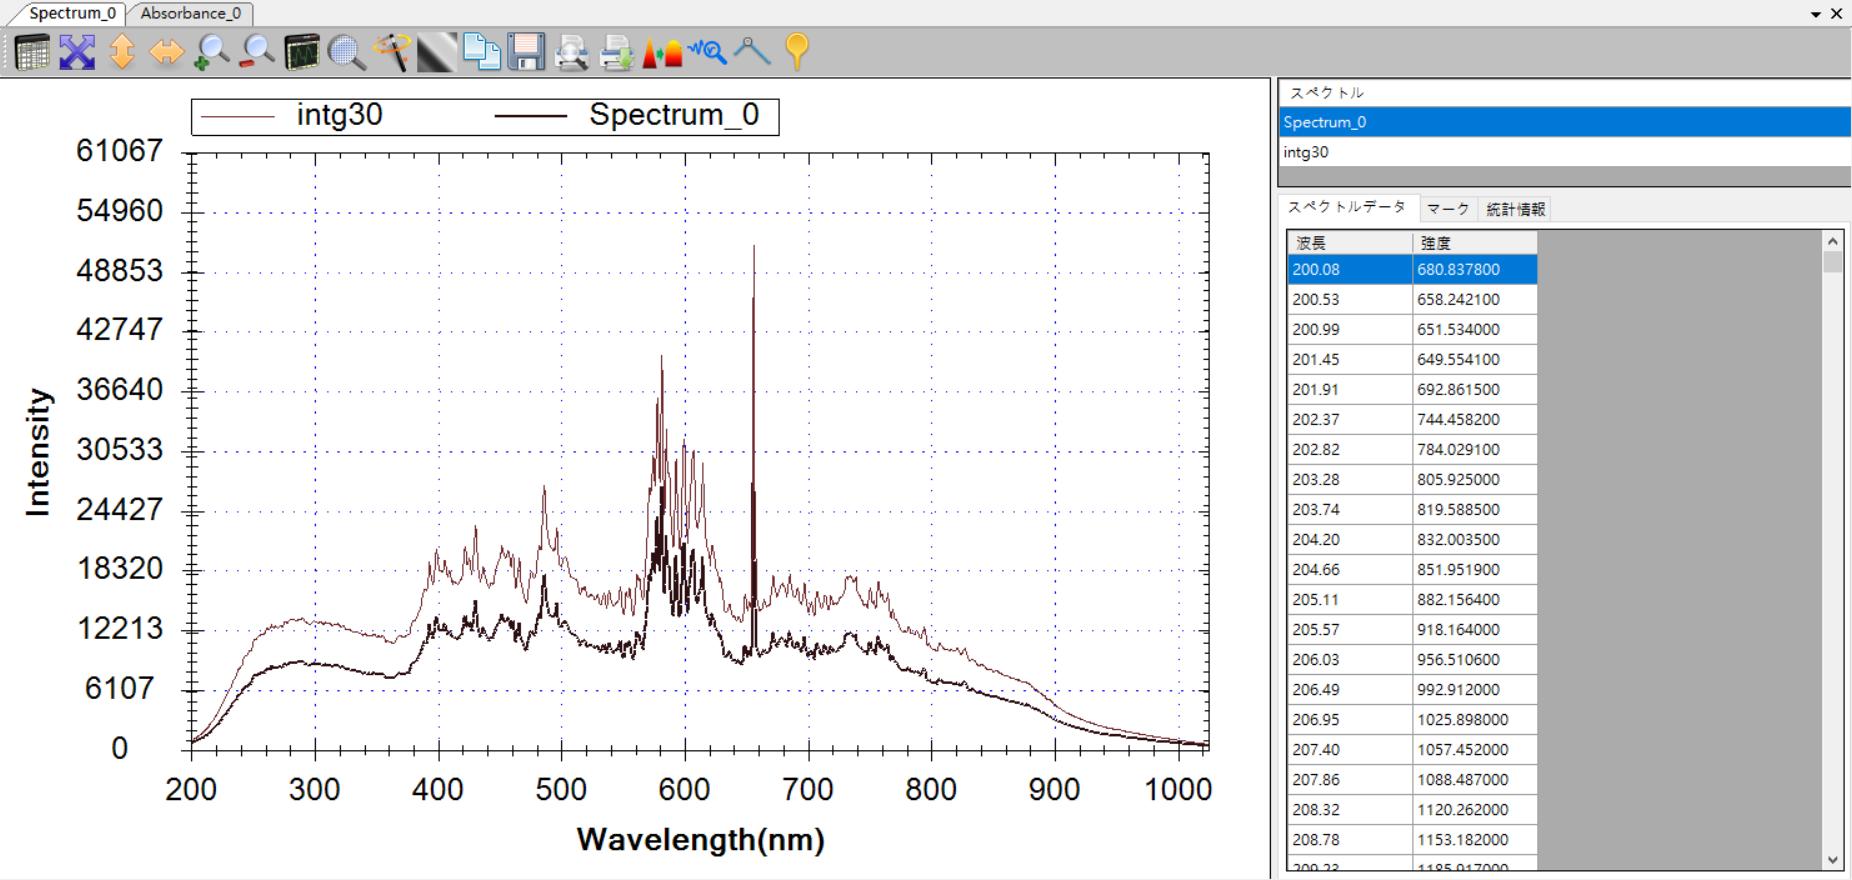 一時的なログとしての現在のスペクトル曲線